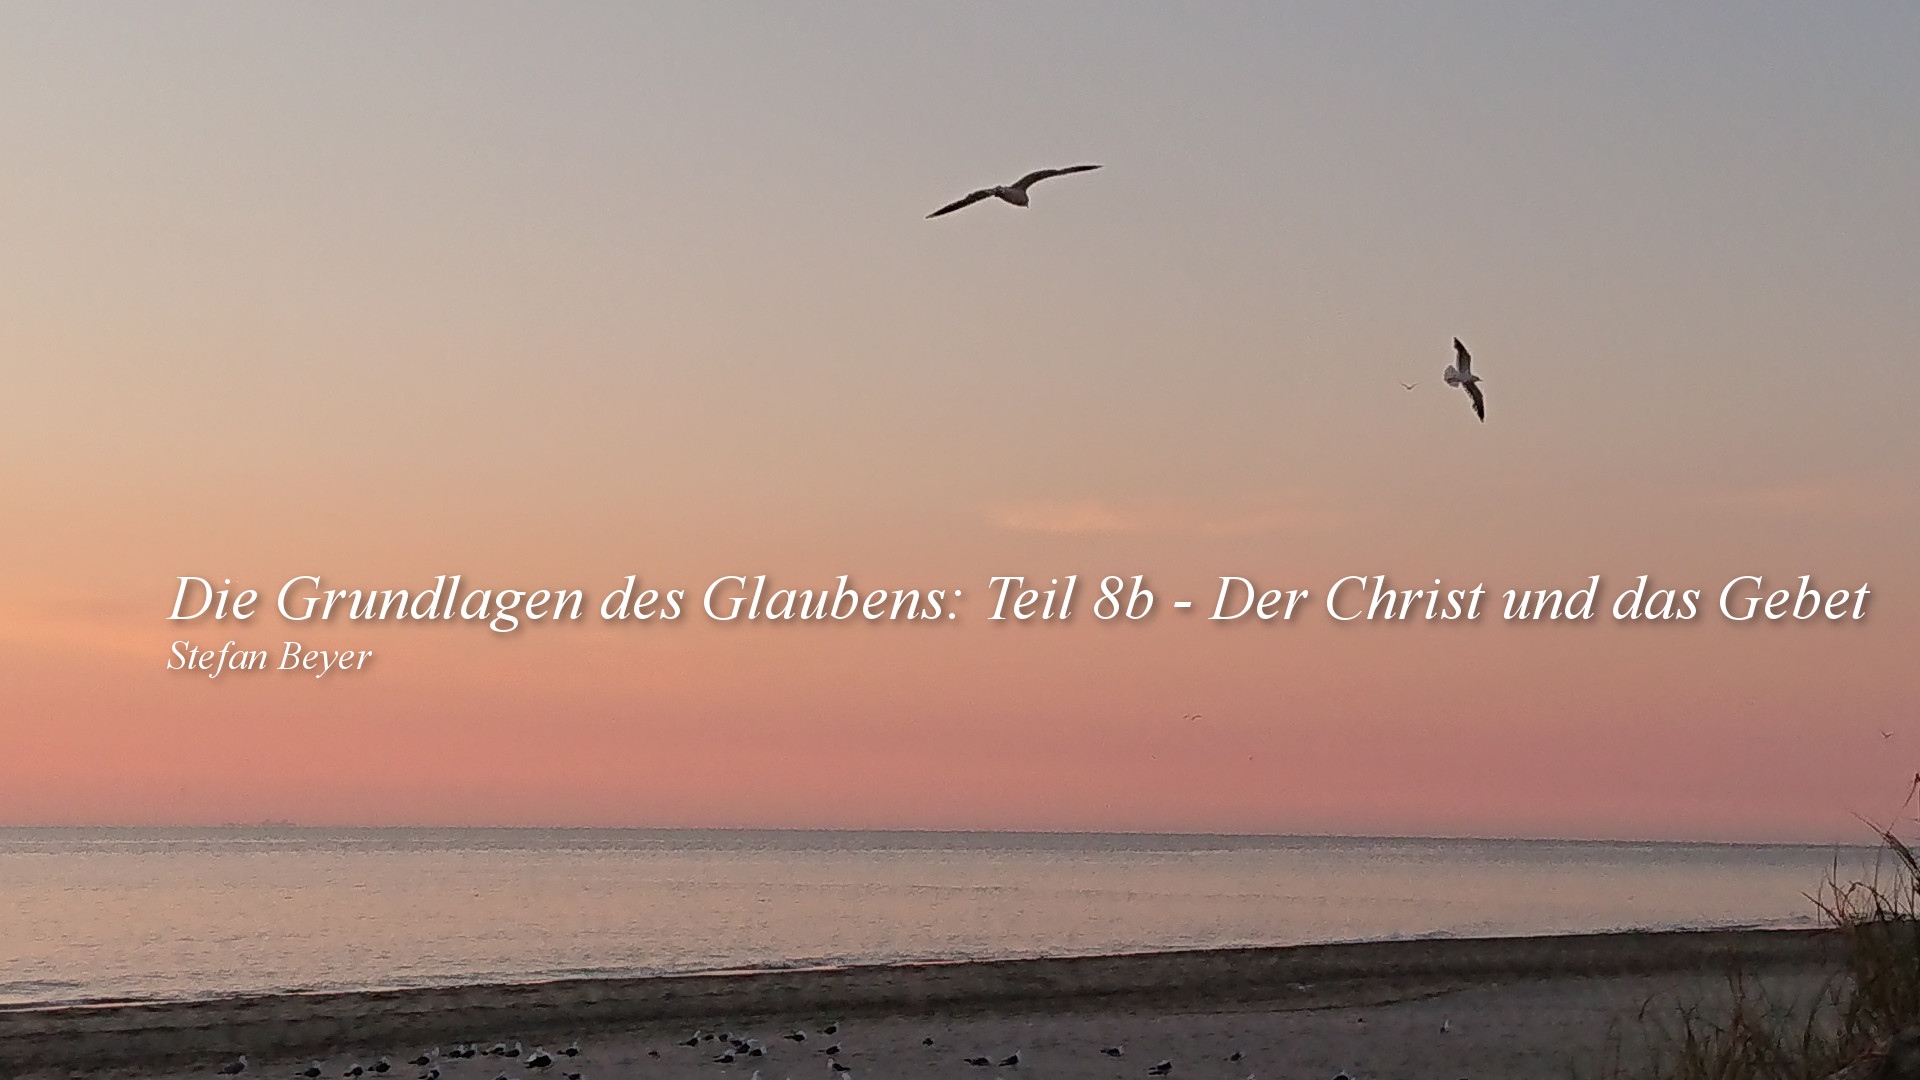 Die Grundlagen des Glaubens: Teil 8b – Der Christ und das Gebet